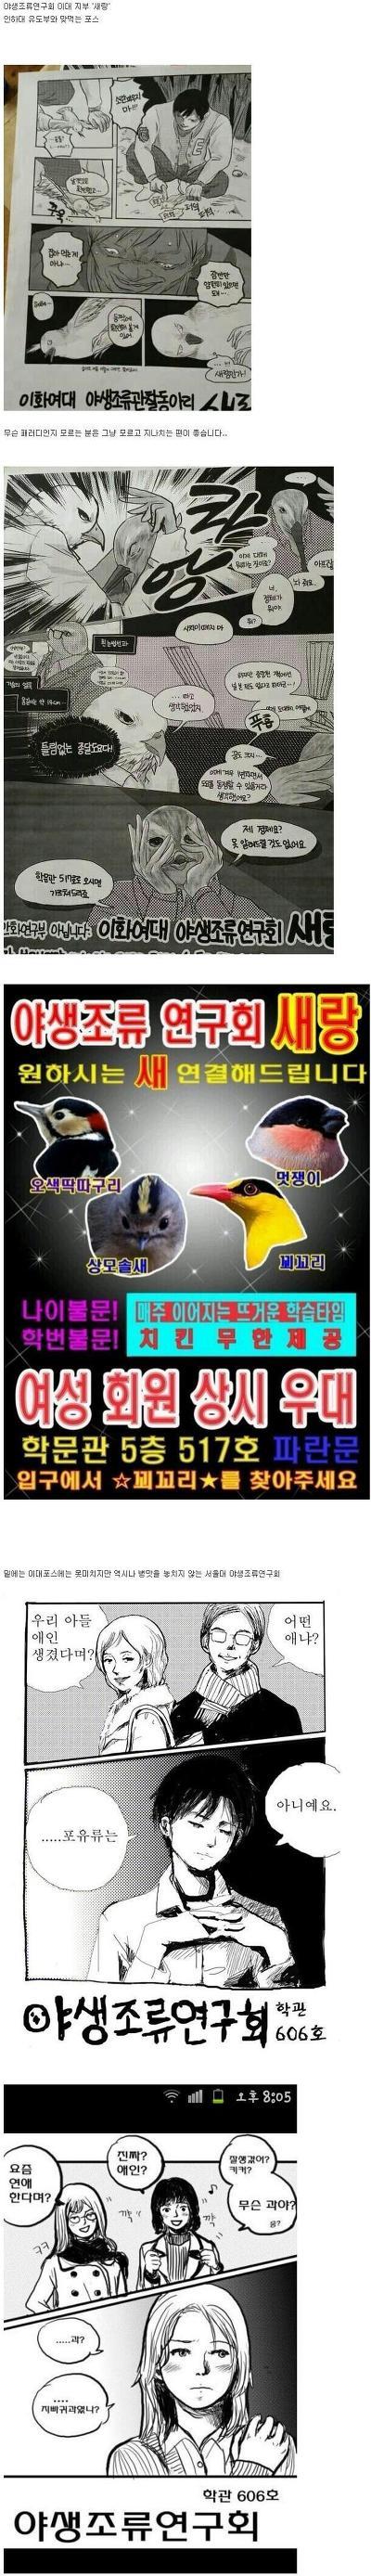 흔한 조류 동아리 포스터